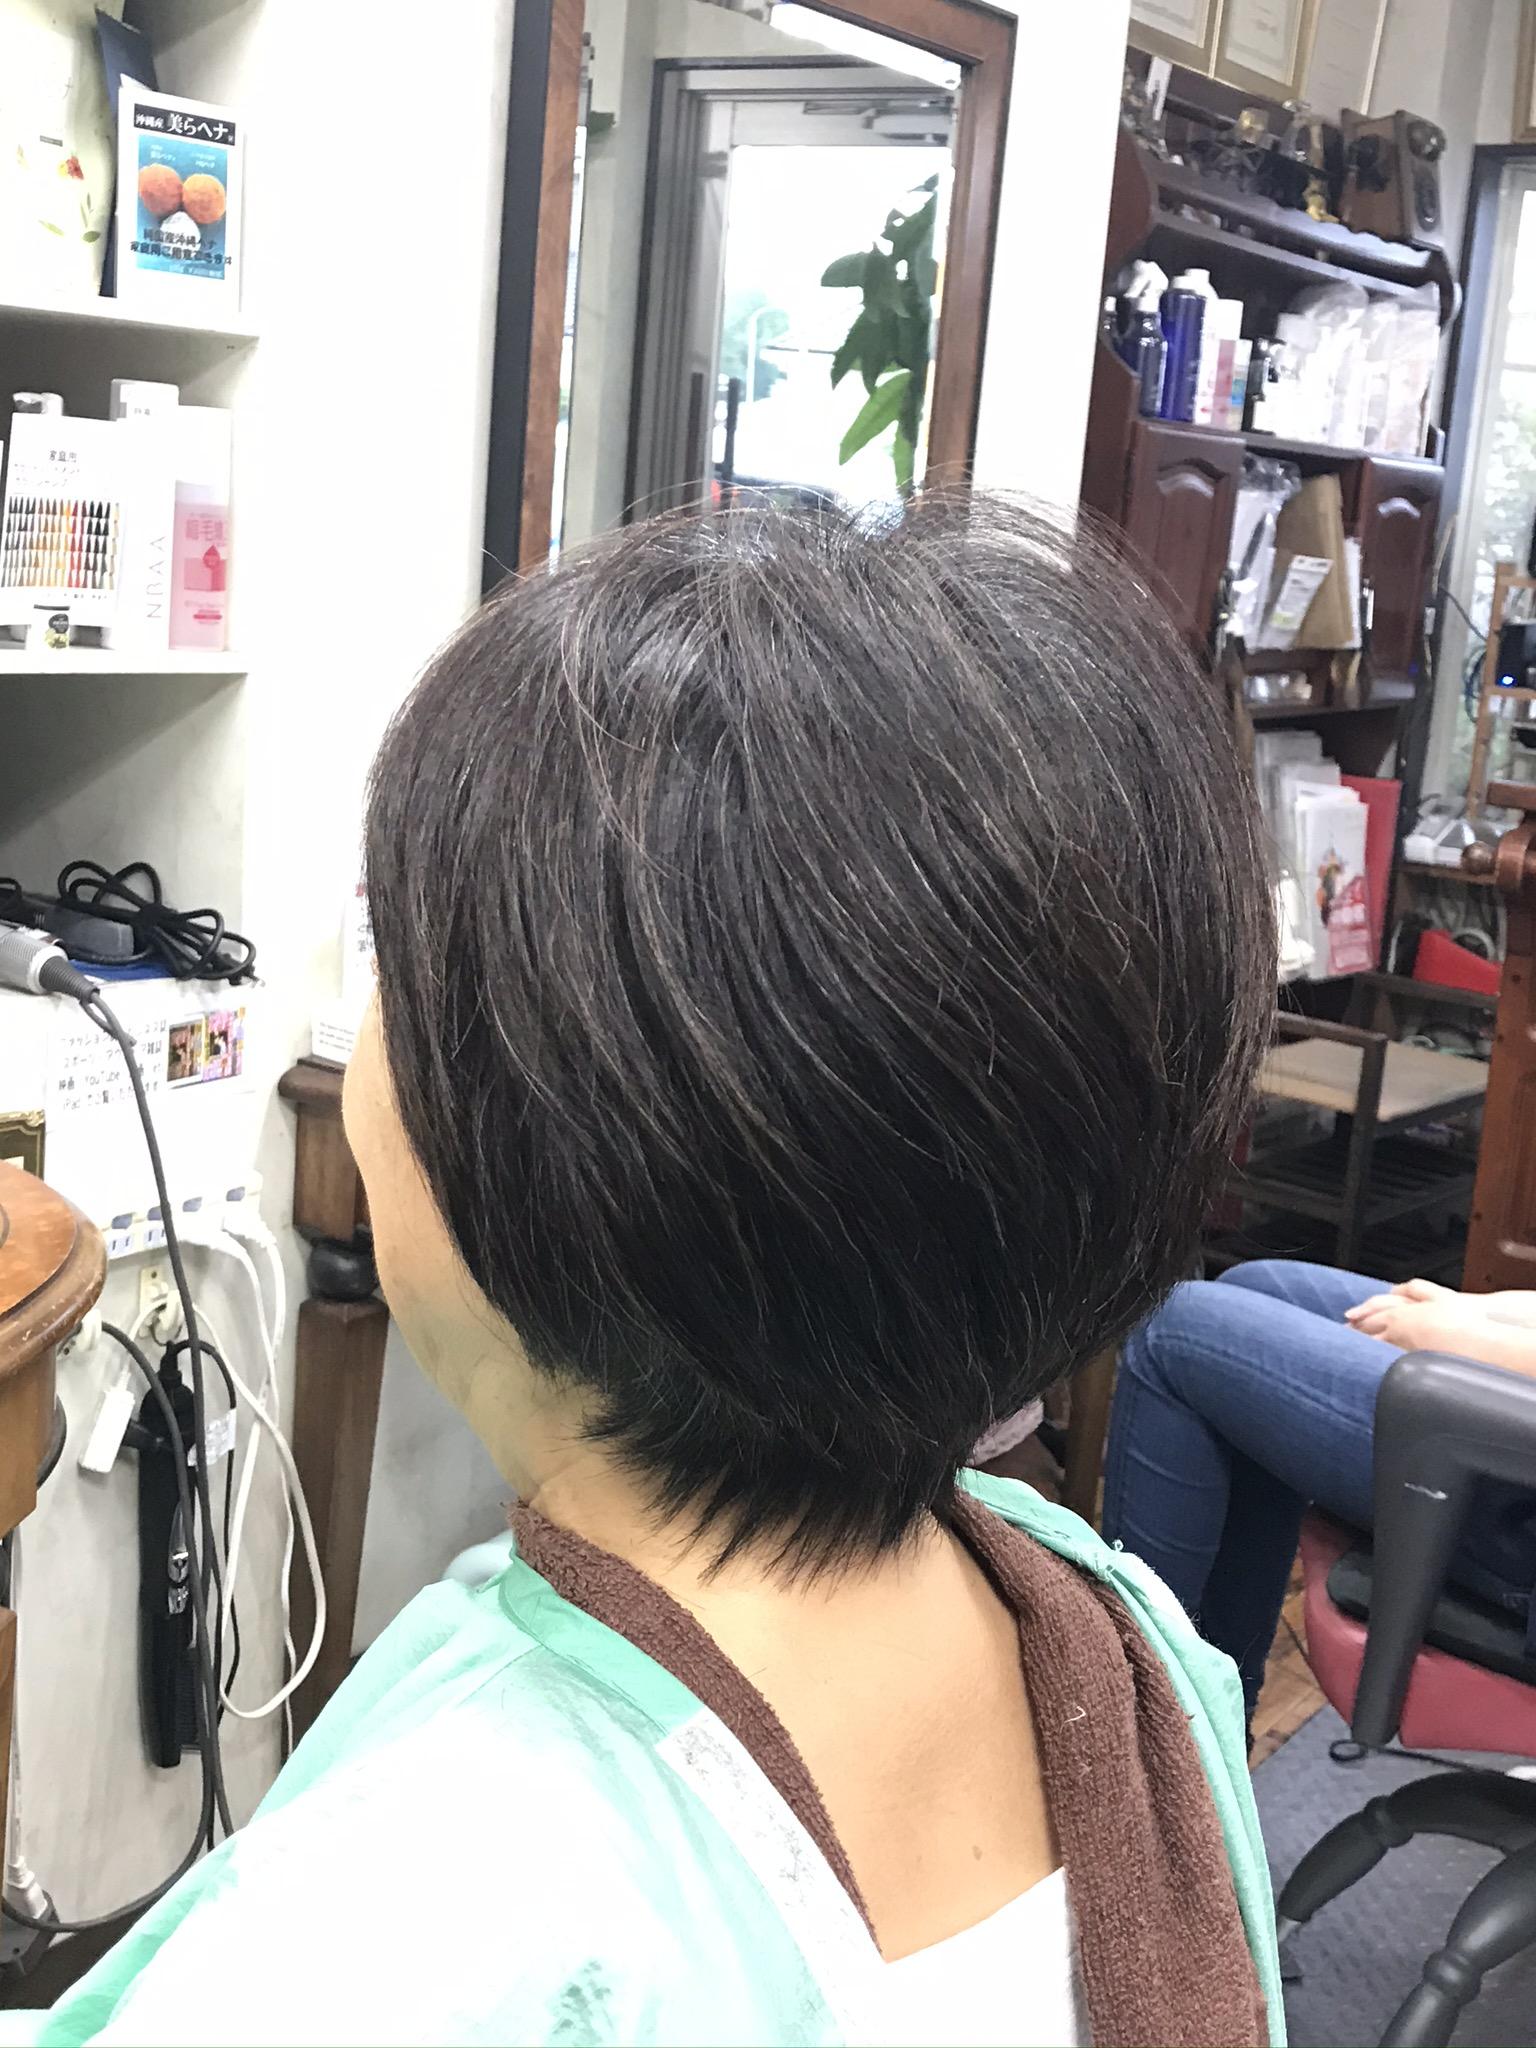 硬い毛 縮毛を柔らかく仕上げる リーフストローク